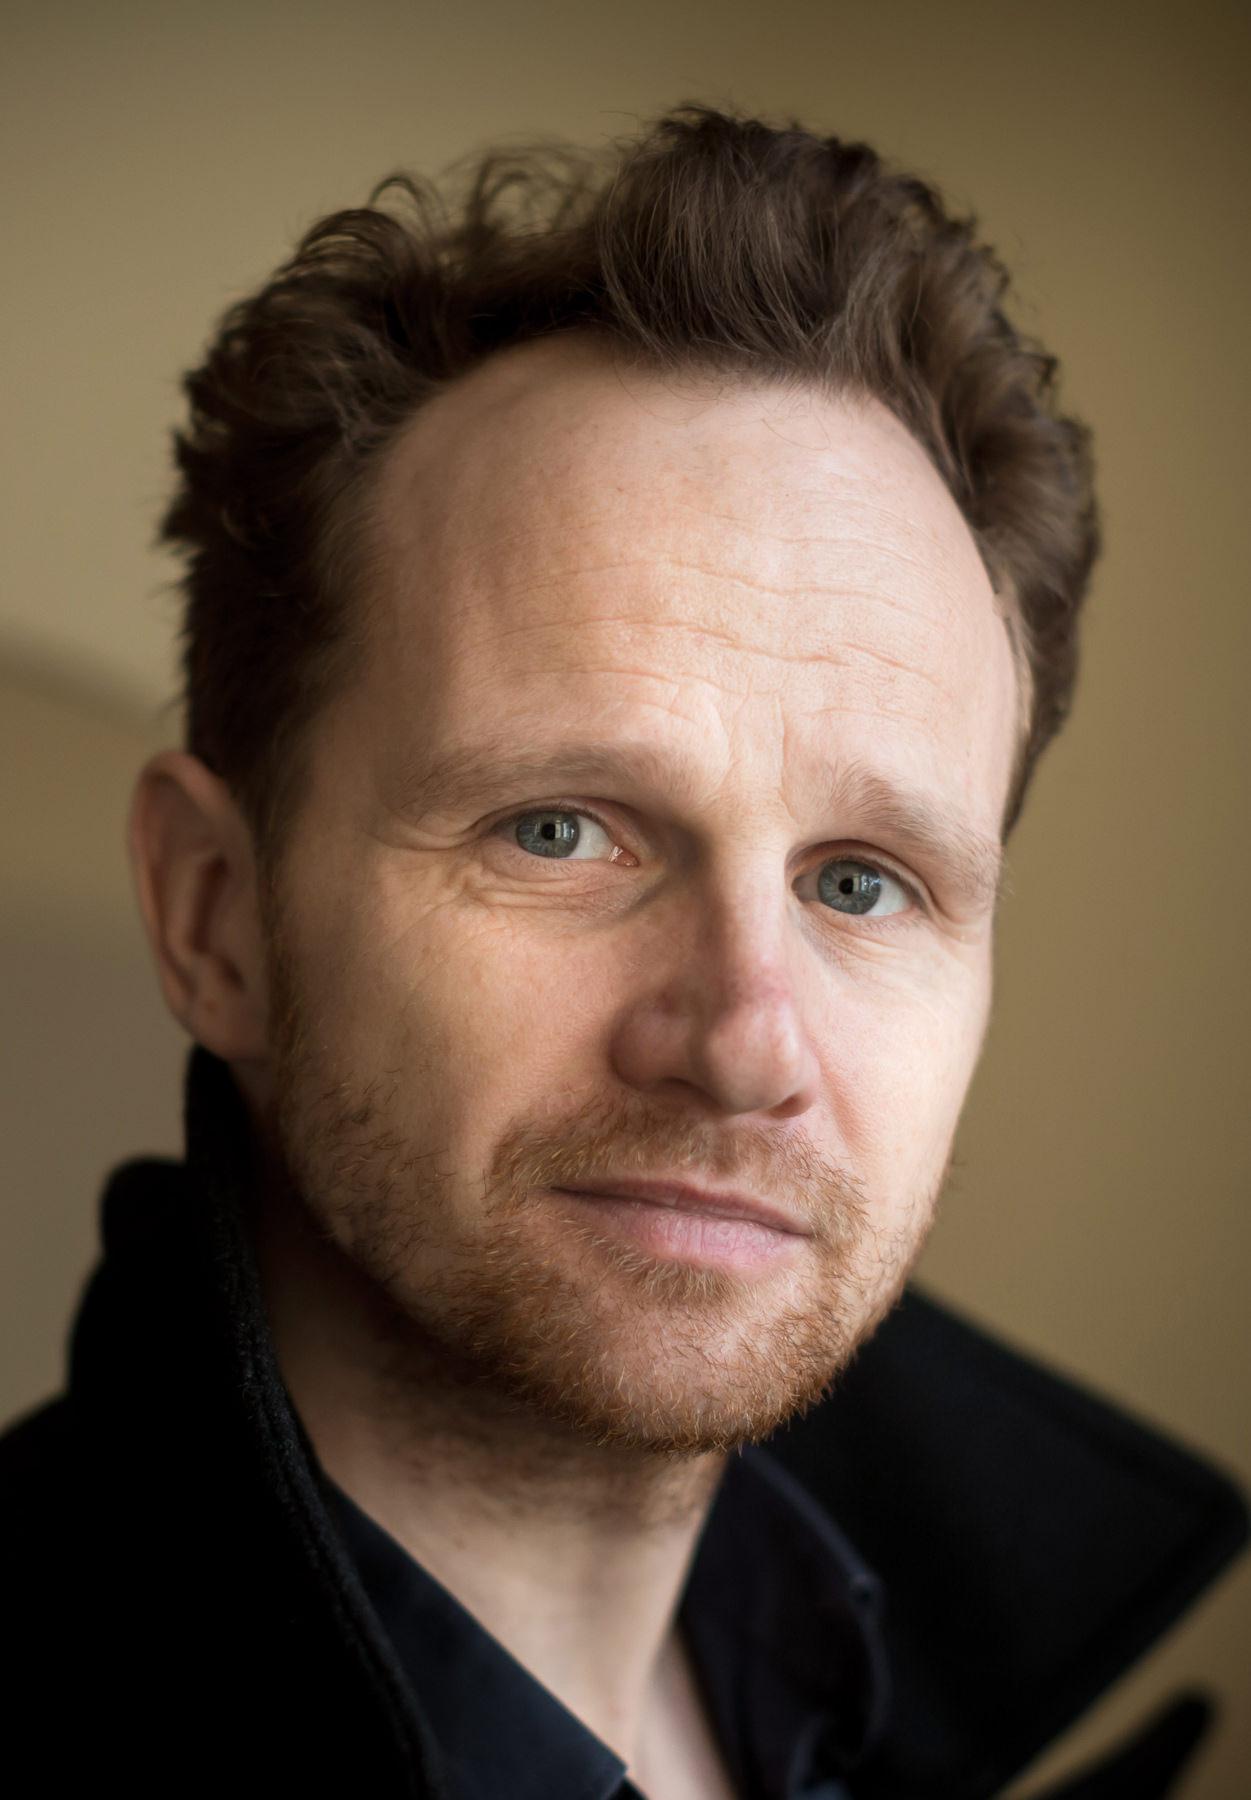 Christian Näthe